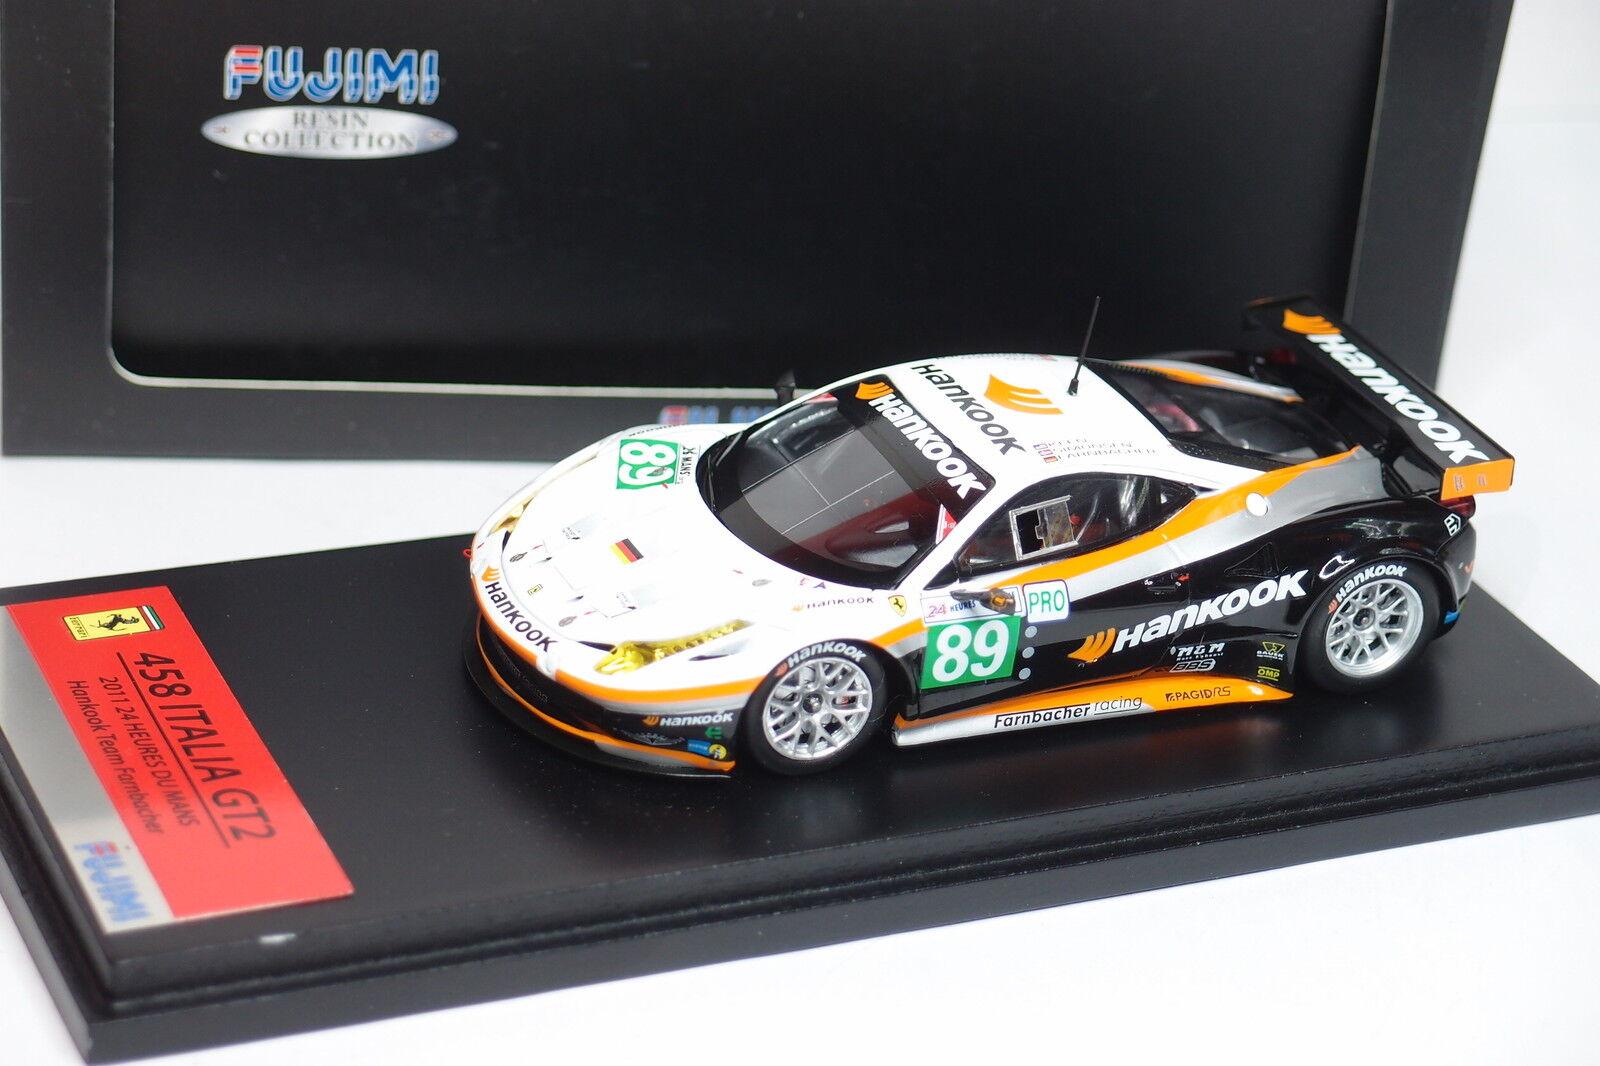 FUJIMI FERRARI 458 ITALIA GT2  89  LE hommeS 2011 TEAM FARNBACHER 1 43  avec le prix bon marché pour obtenir la meilleure marque